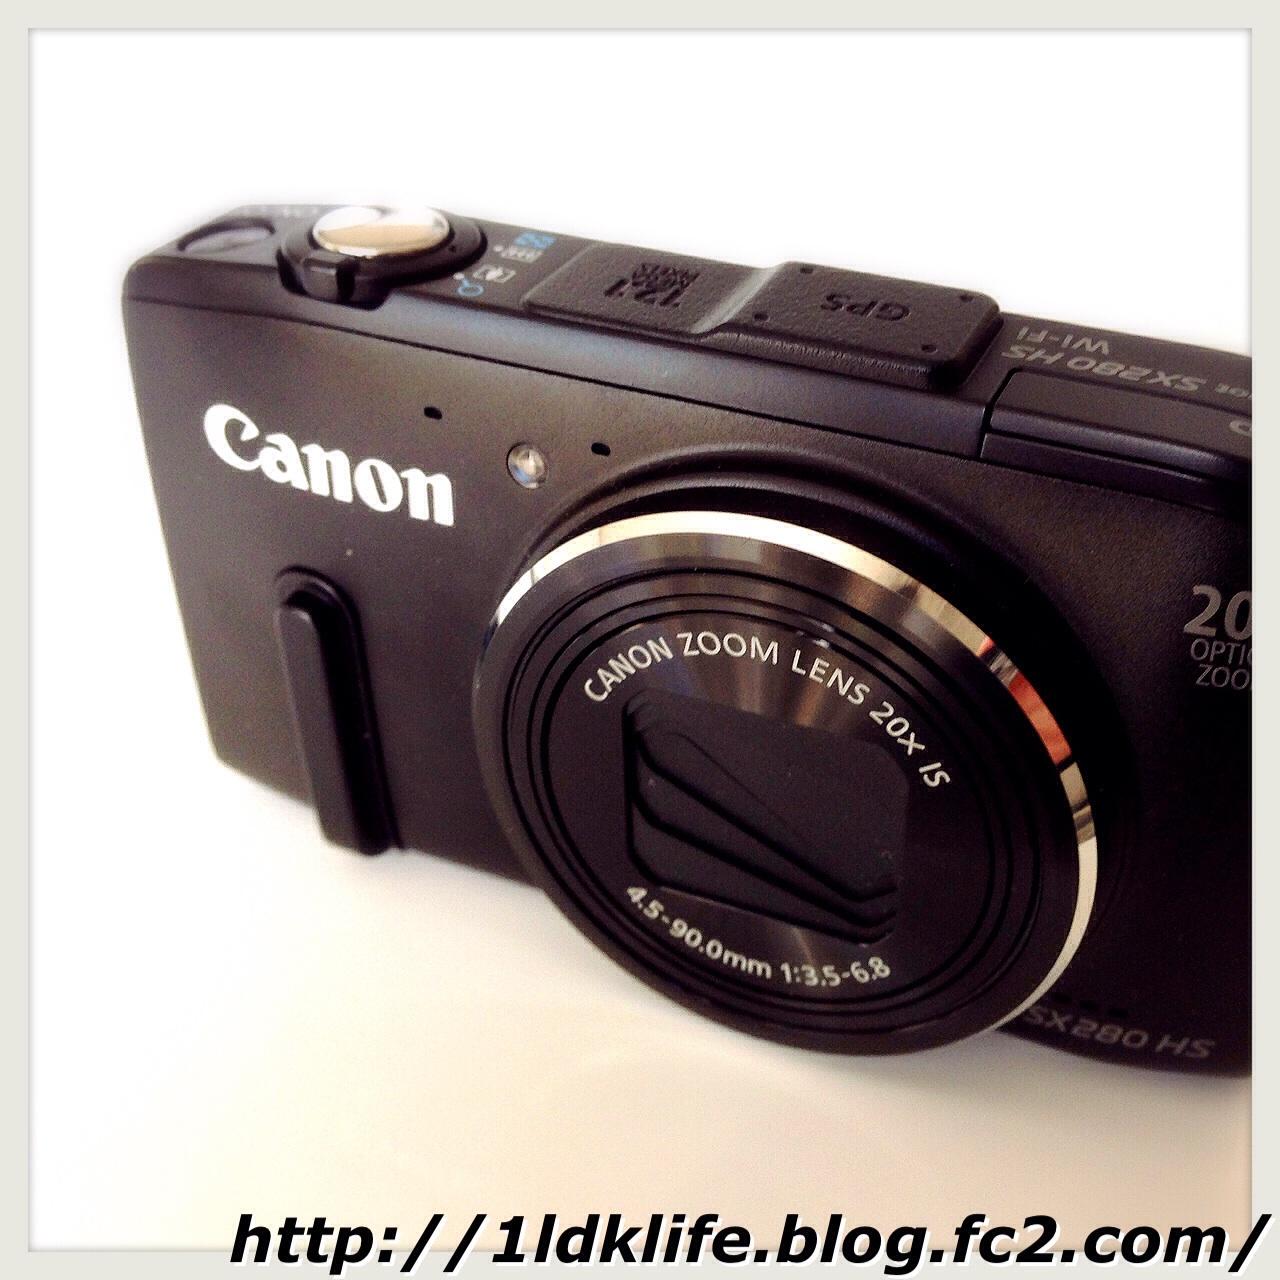 愛機。キヤノン PowerShot SX280 HS。